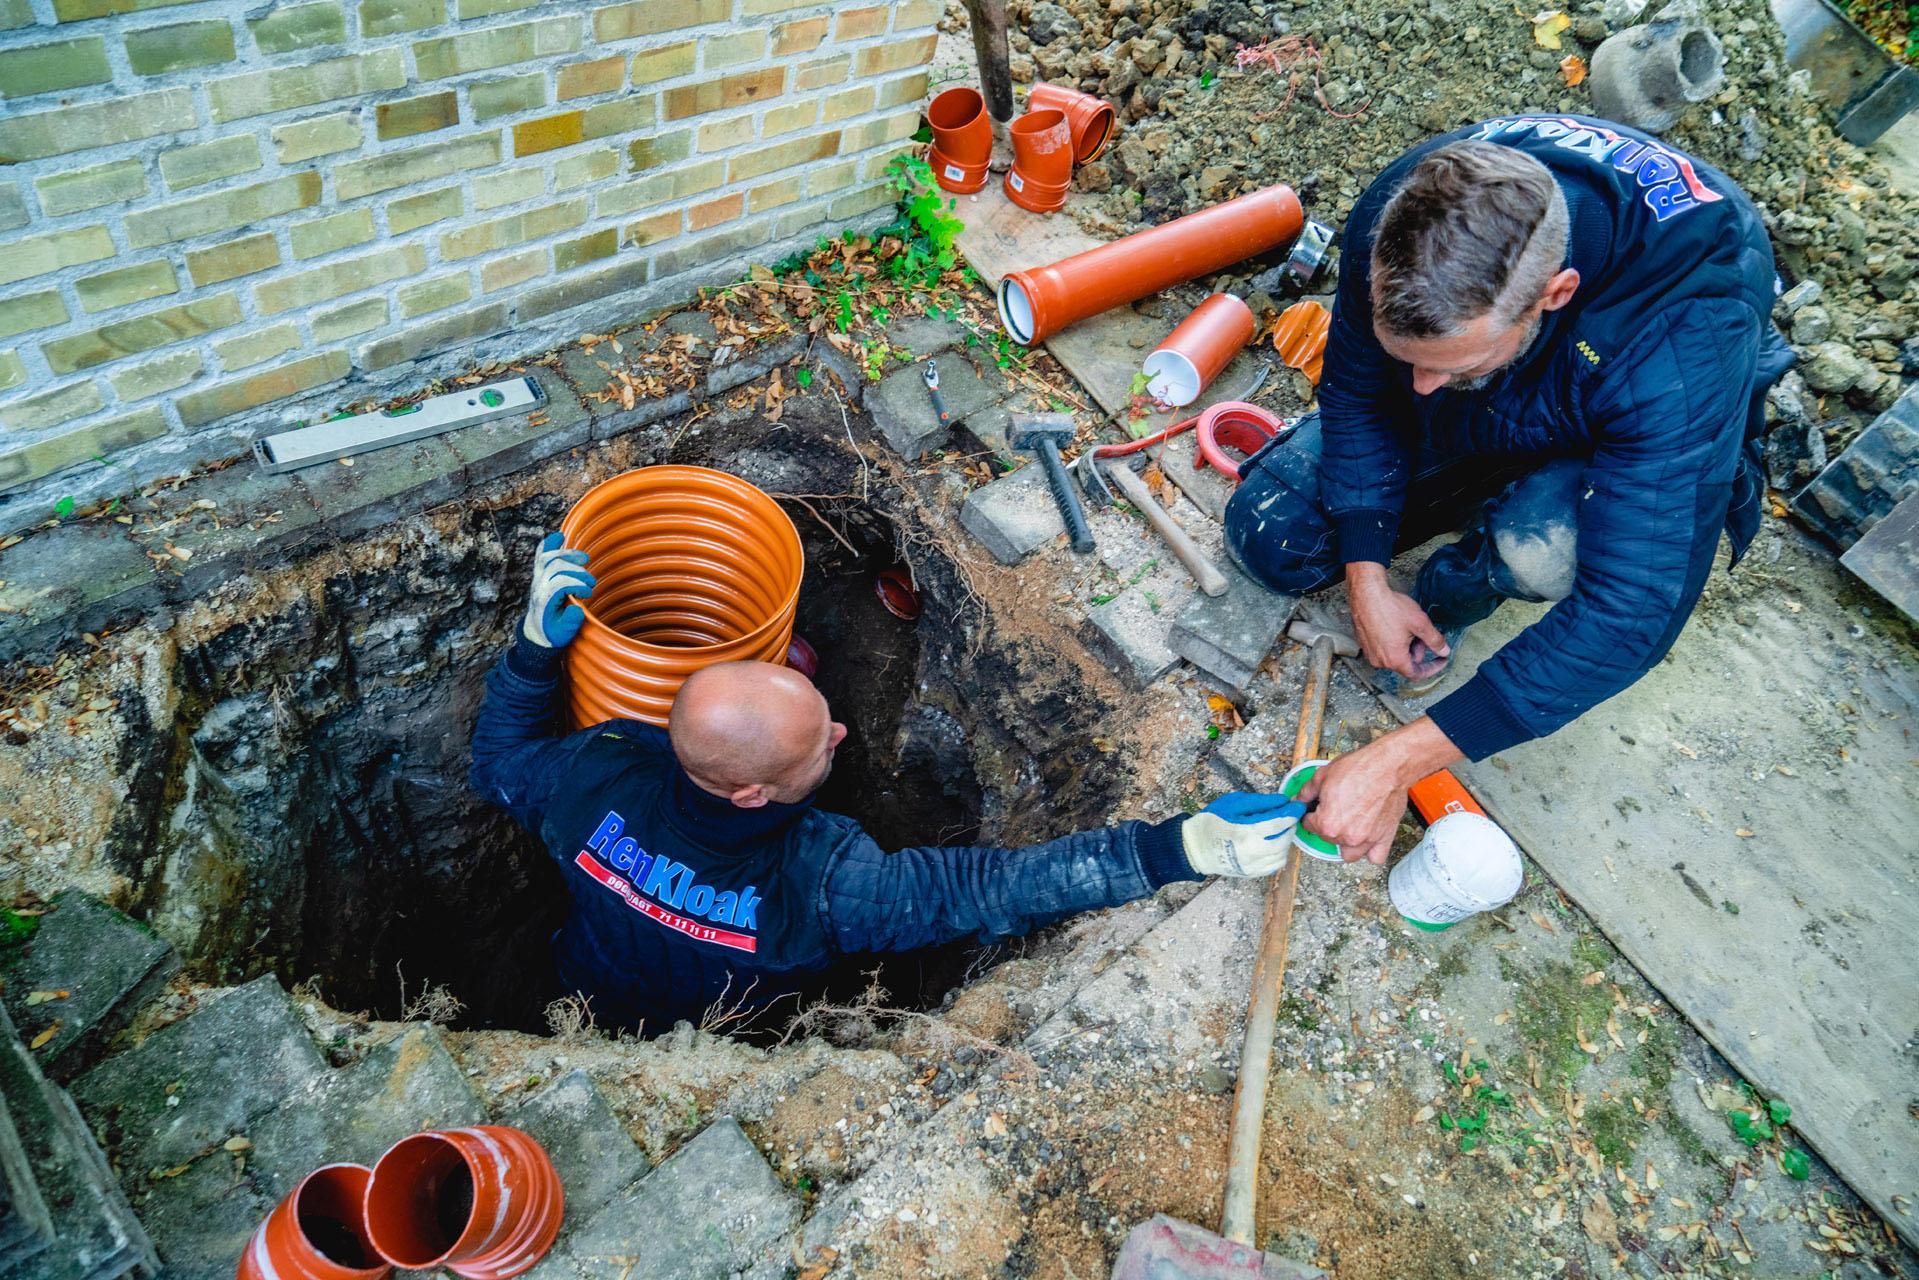 Arbejde og gravning til omfangsdræn - professionelt kloakarbejde